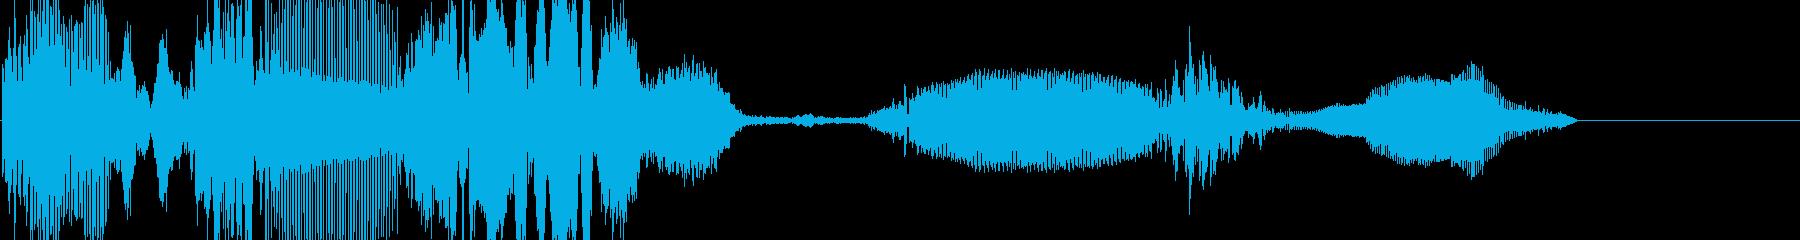 ロングノイズの再生済みの波形